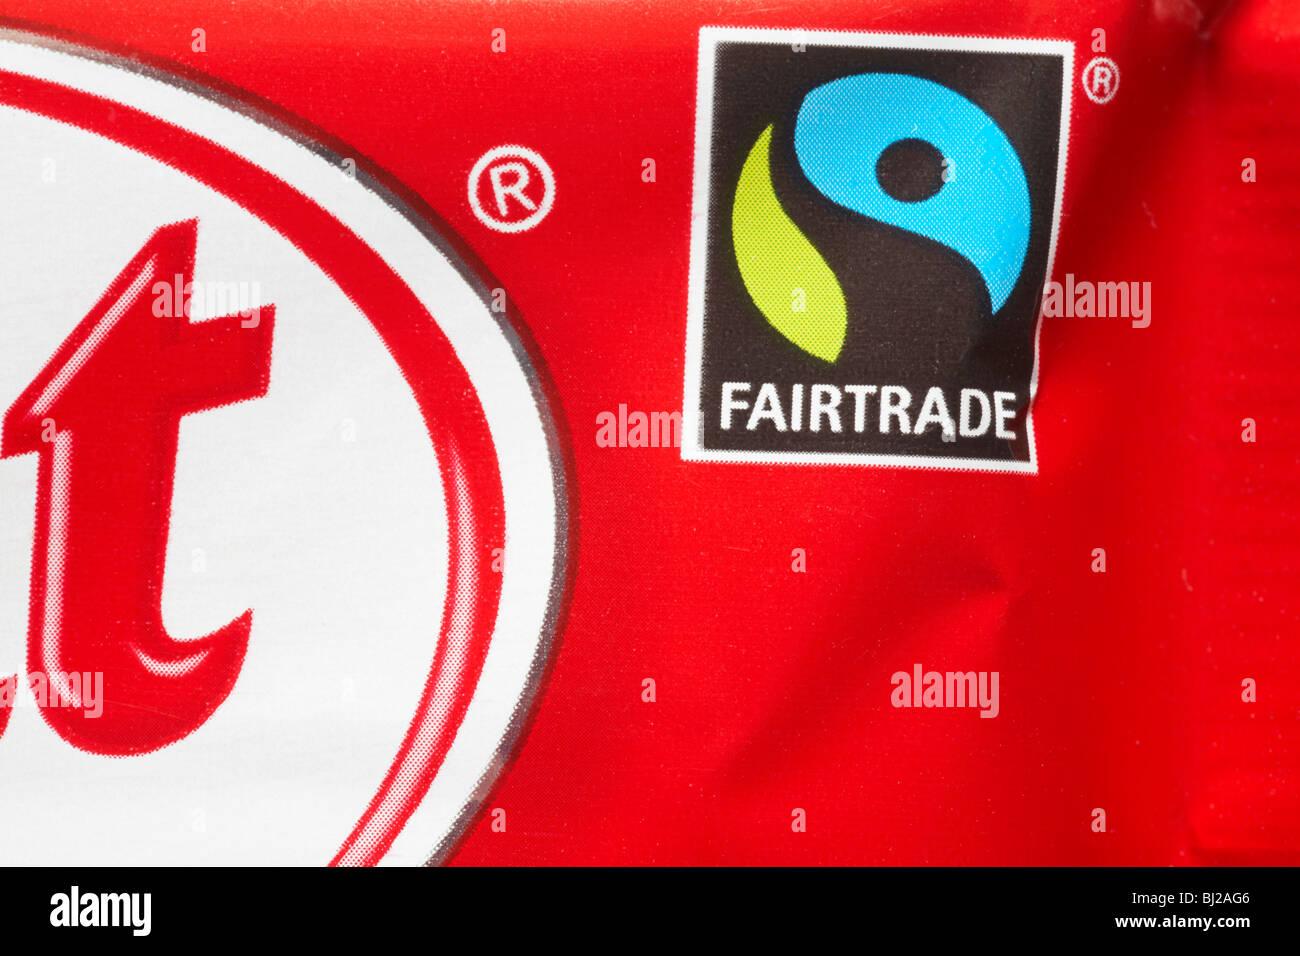 Fairtrade logo on KitKat chocolate bar wrapper - Fairtrade logo symbol Fair Trade - Stock Image